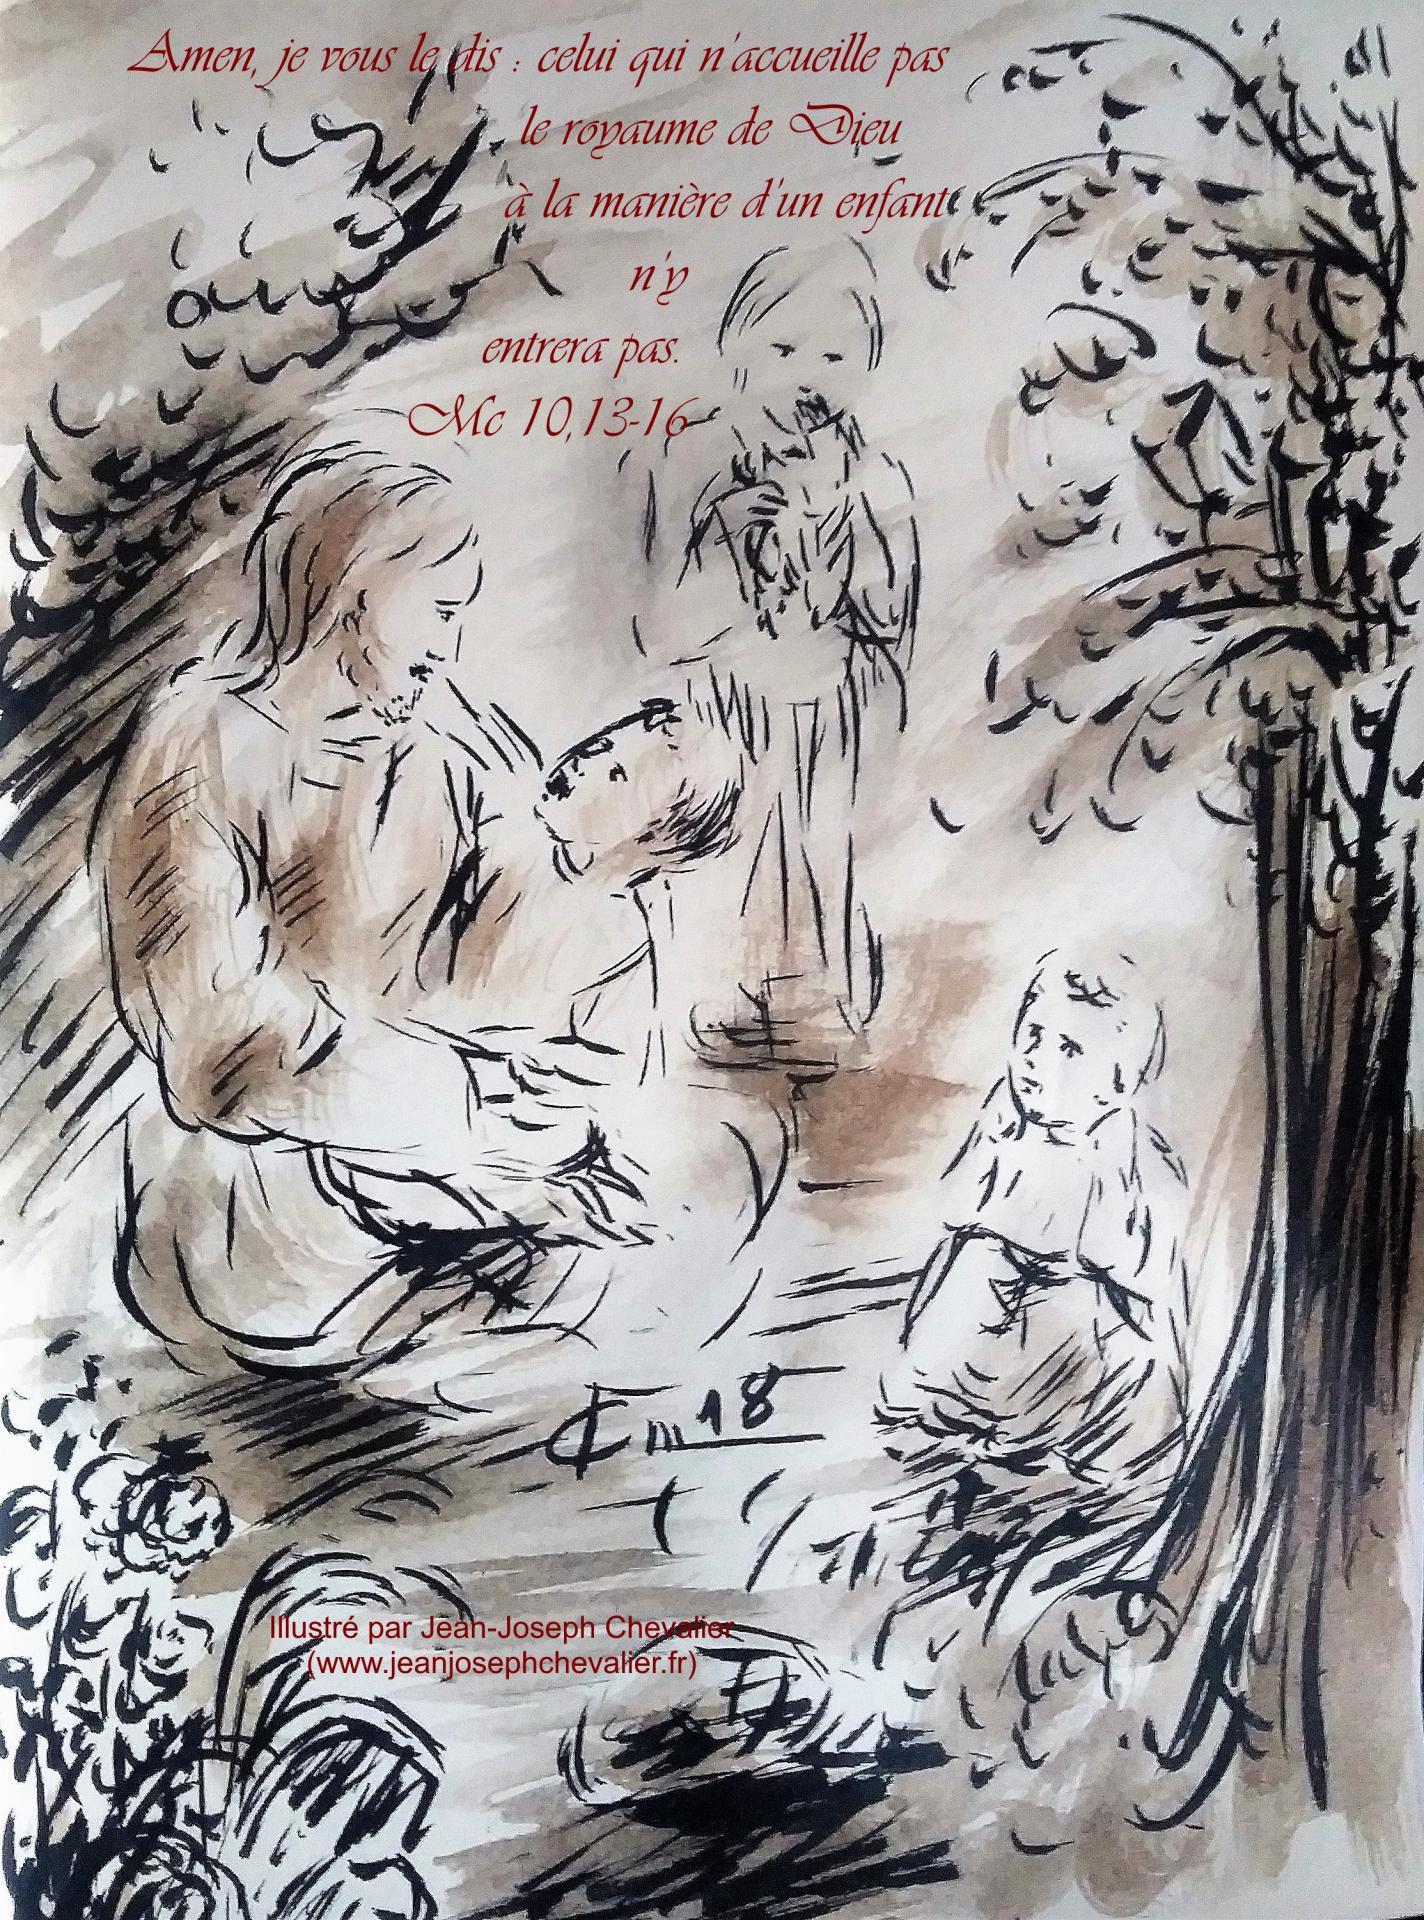 26 mai 2018 evangile du jour illustre par un dessin au lavis de jean joseph chevalier image